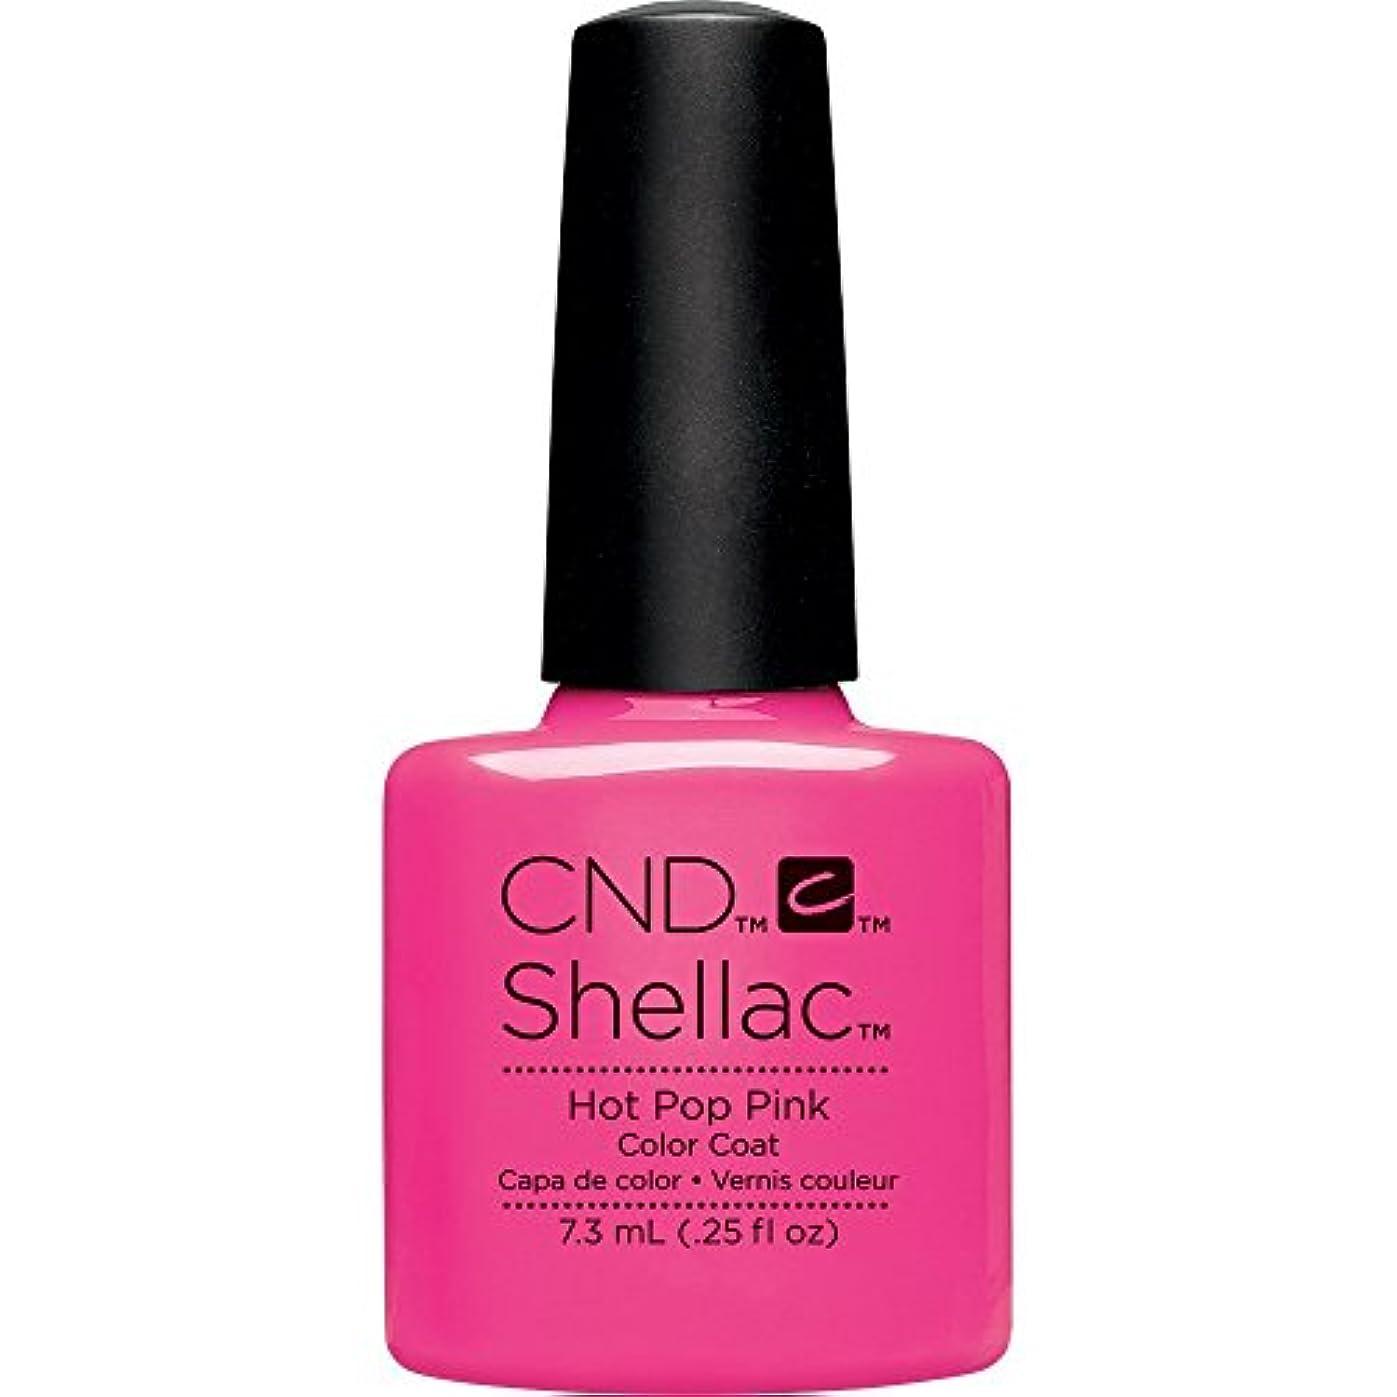 先祖泳ぐに対してCND(シーエヌディー) シェラック UVカラーコート 519 Hot Pop Pink(マット) 7.3ml